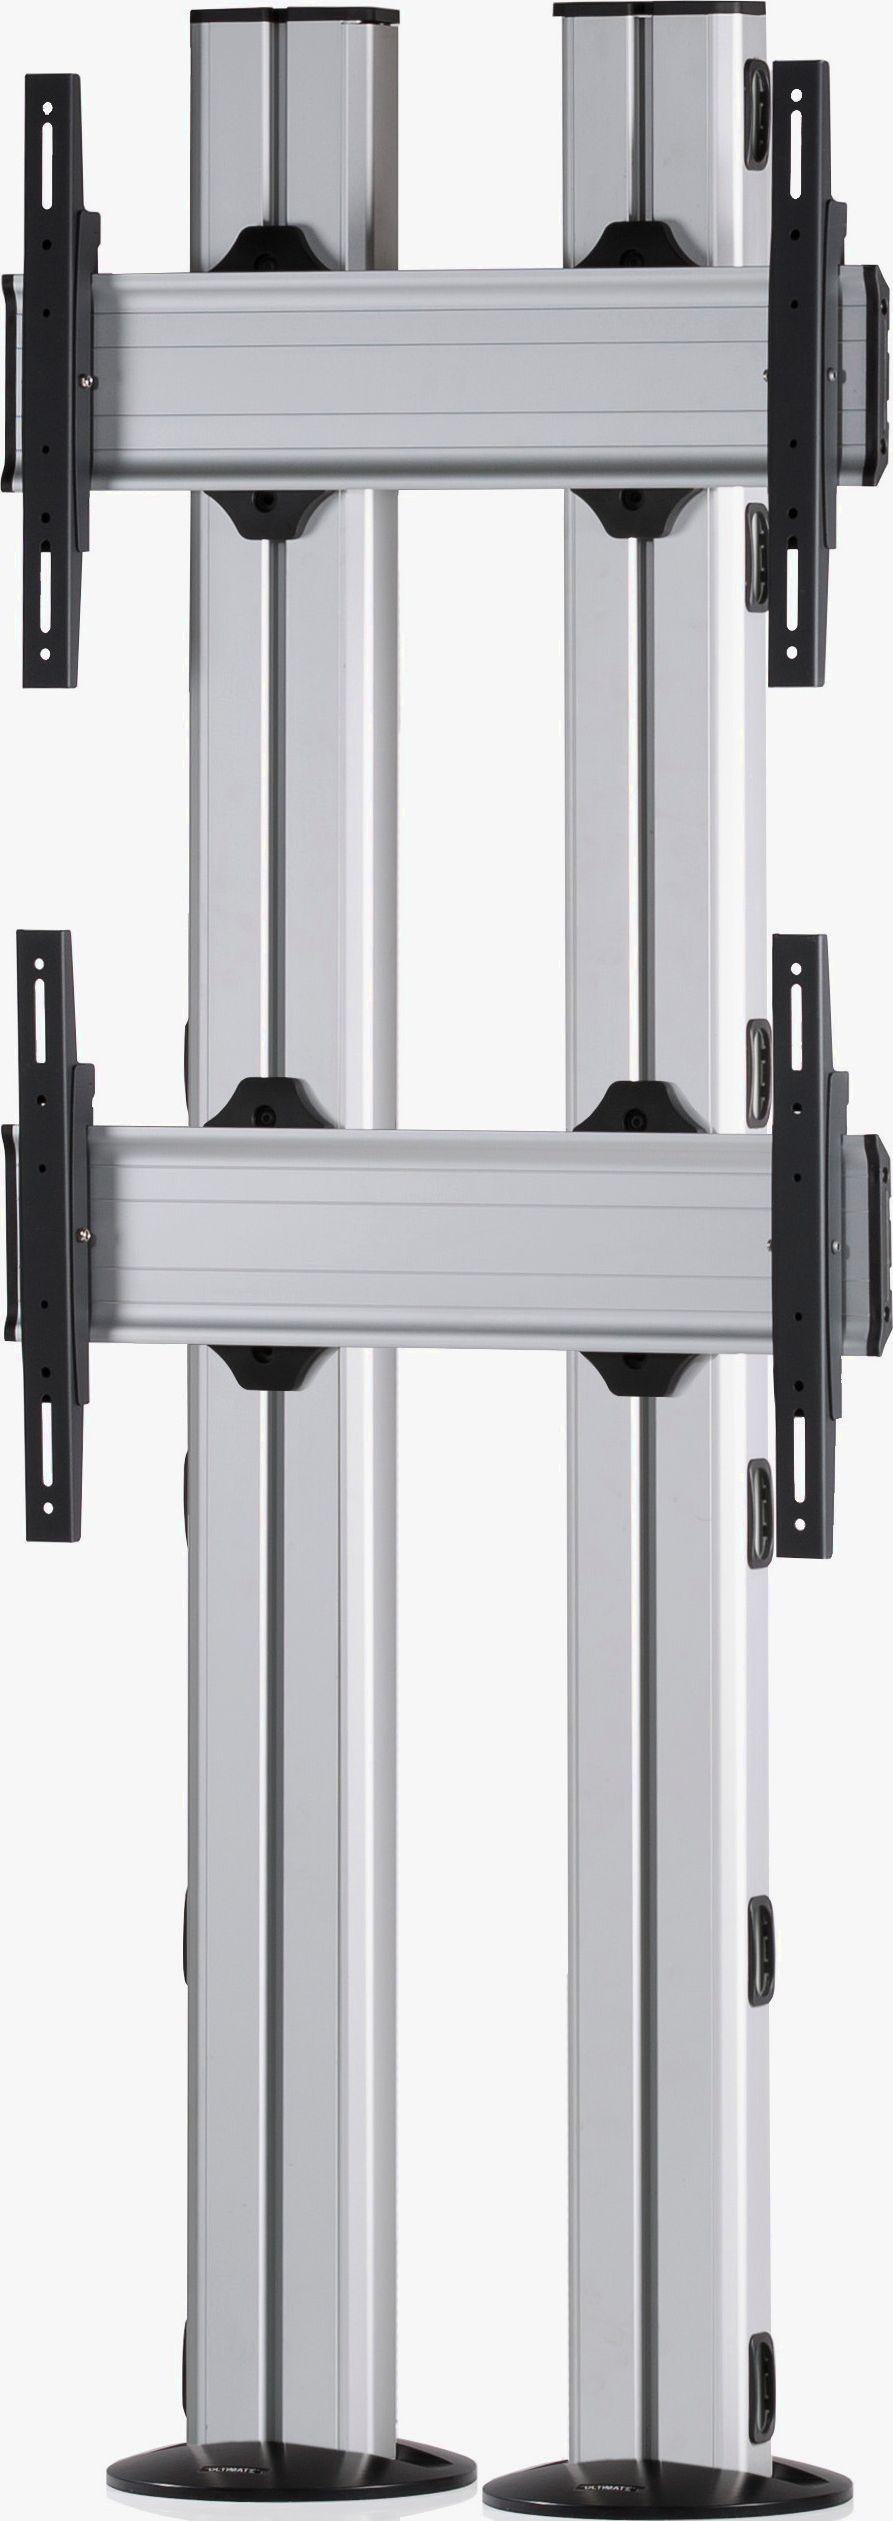 2 Displays 2×1, für große Bildschirme, Standard-VESA, zur Bodenbefestigung